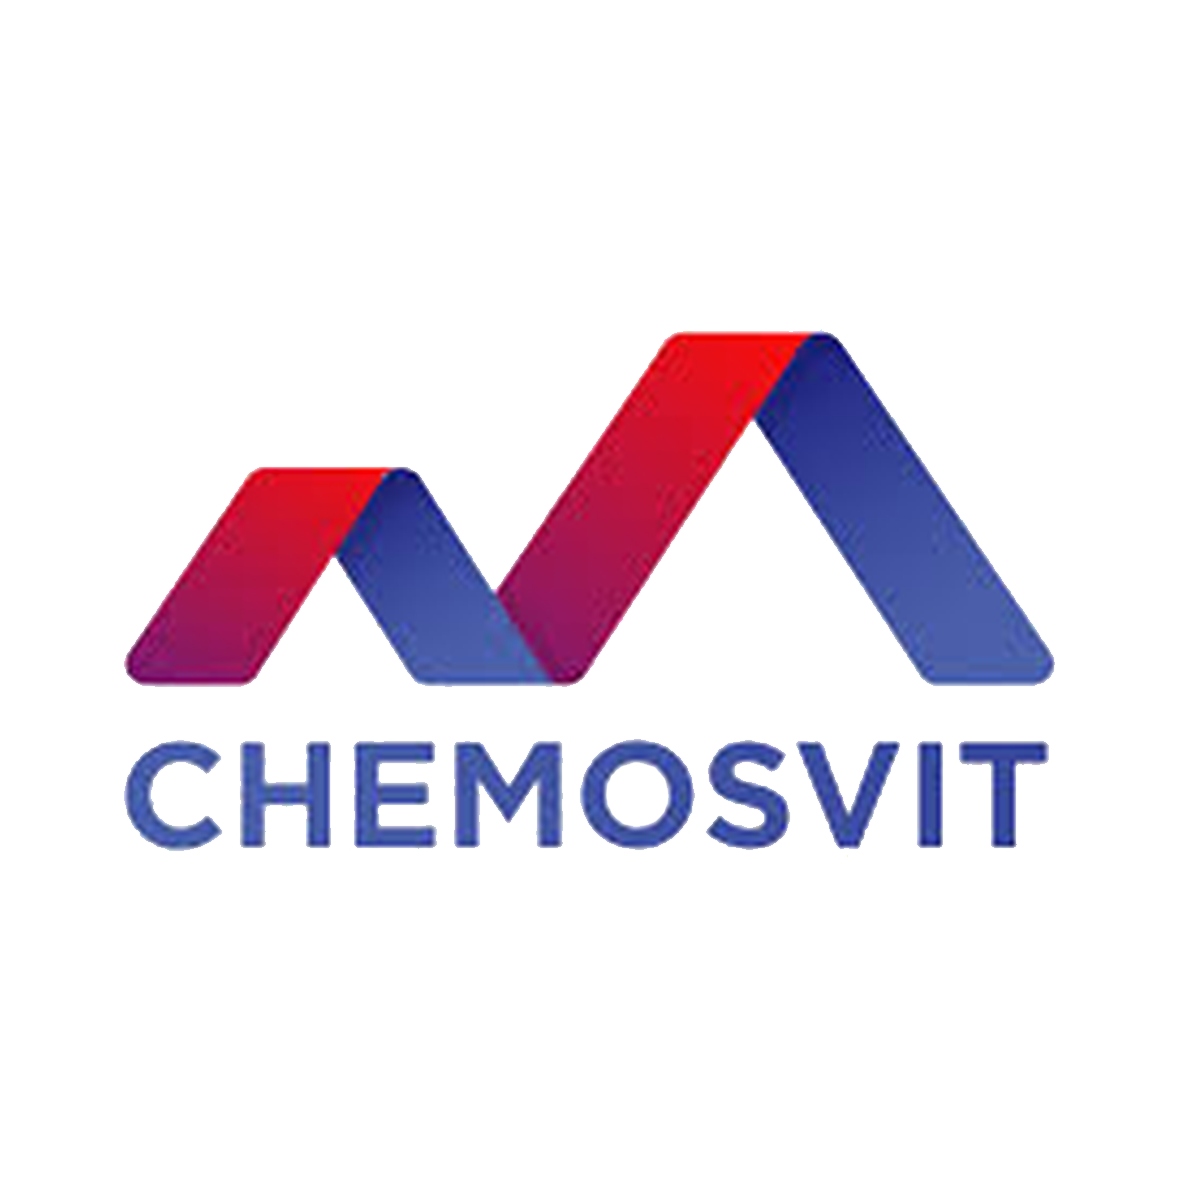 Chemosvit